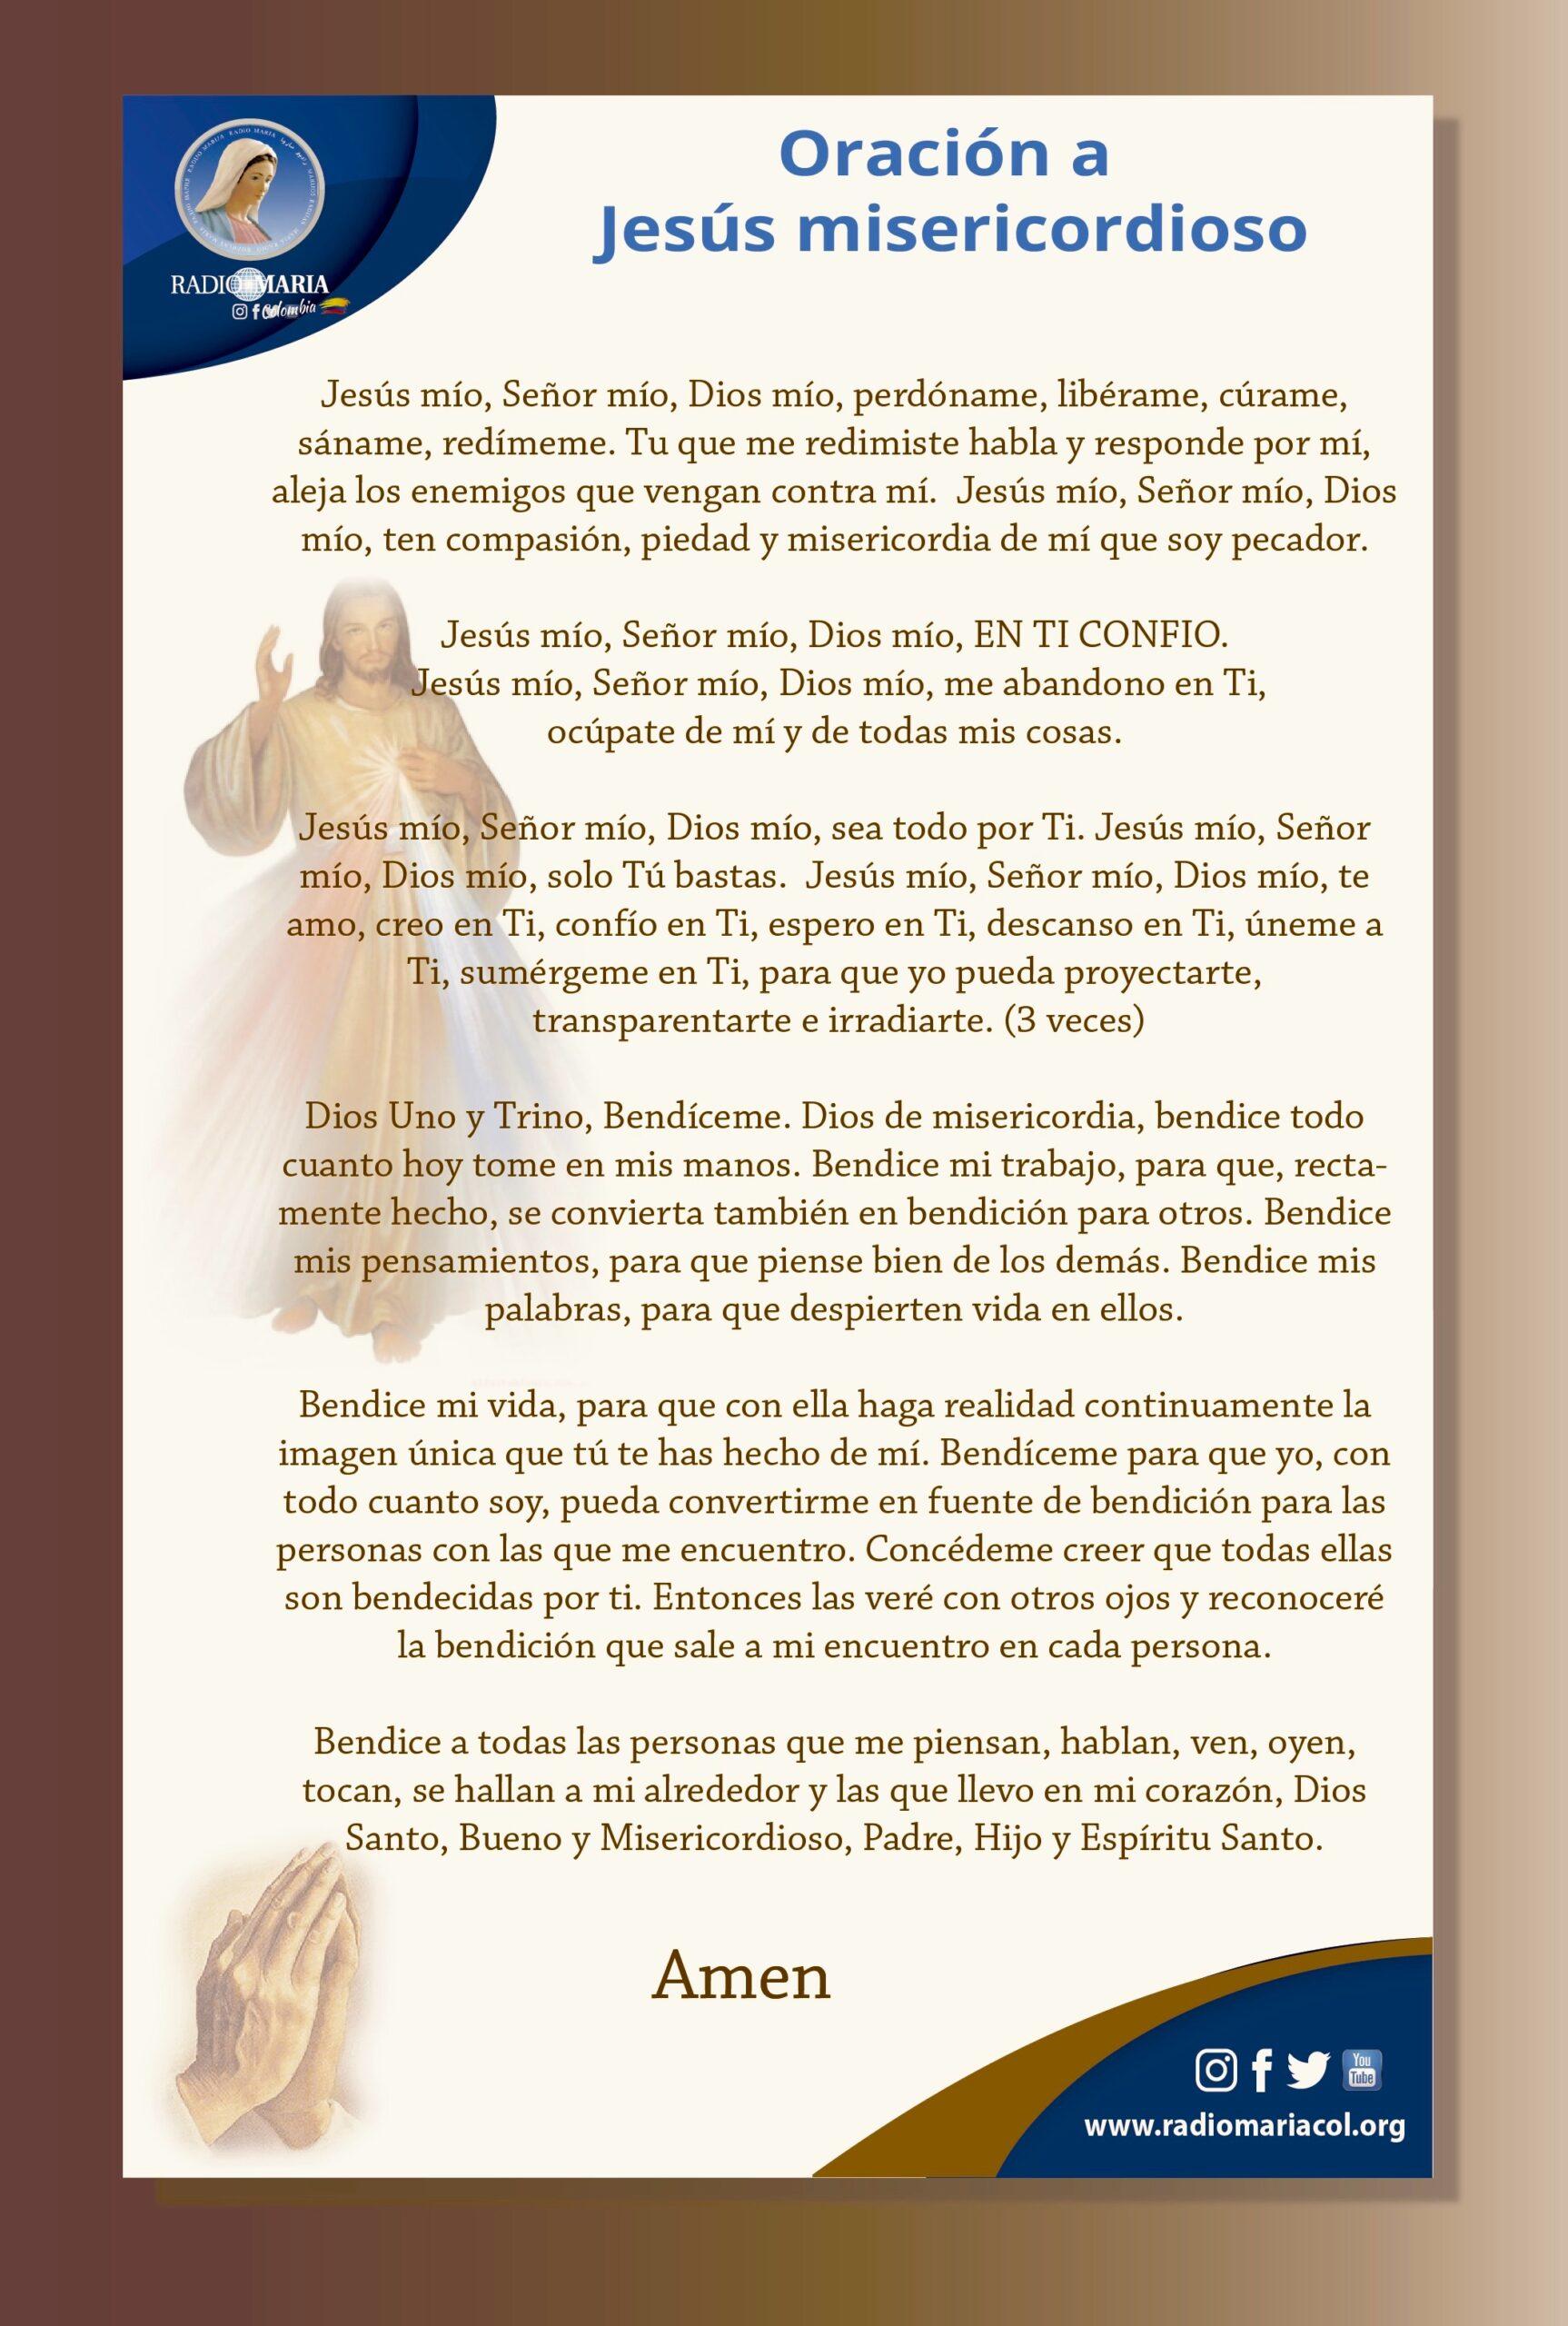 Oración del Jesús misericordioso